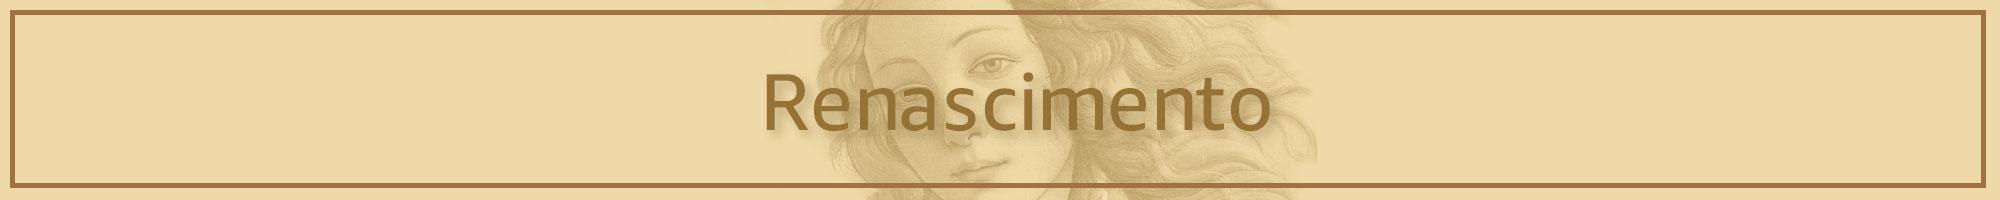 Renascimento, Classicismo e Neoclassicismo